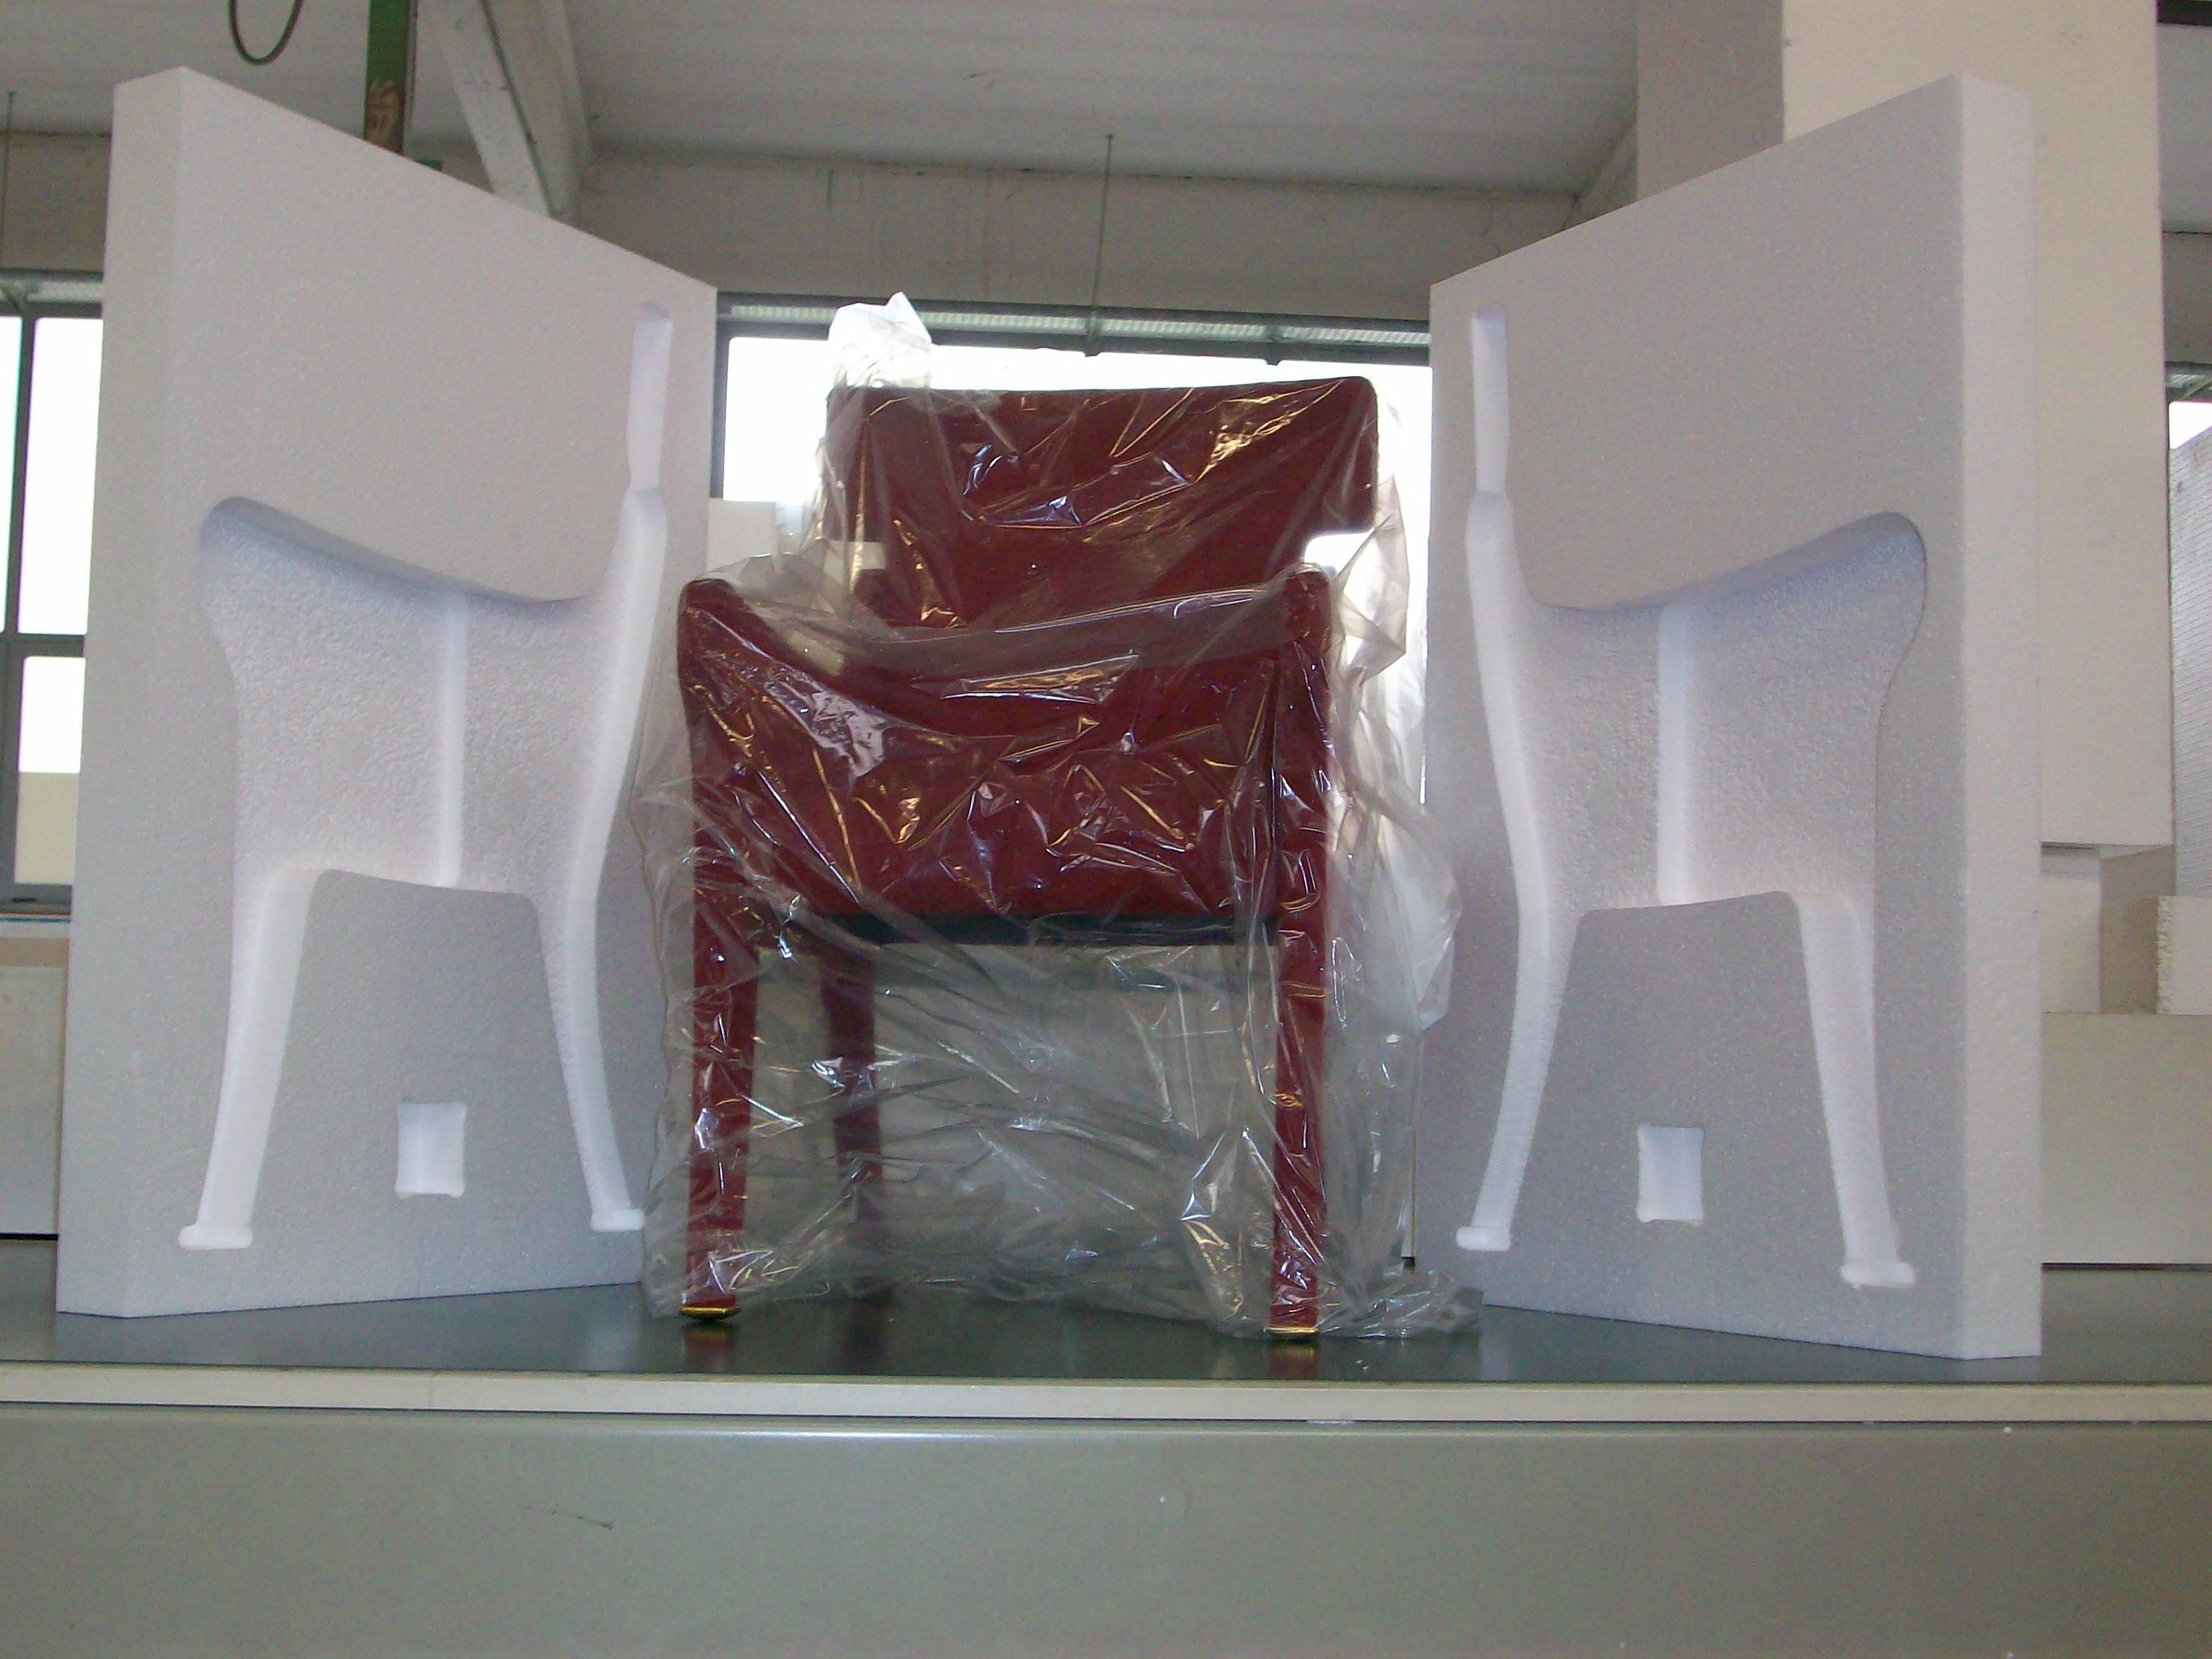 Imballaggi in polistirolo realizzati per proteggere una for Poltrona polistirolo